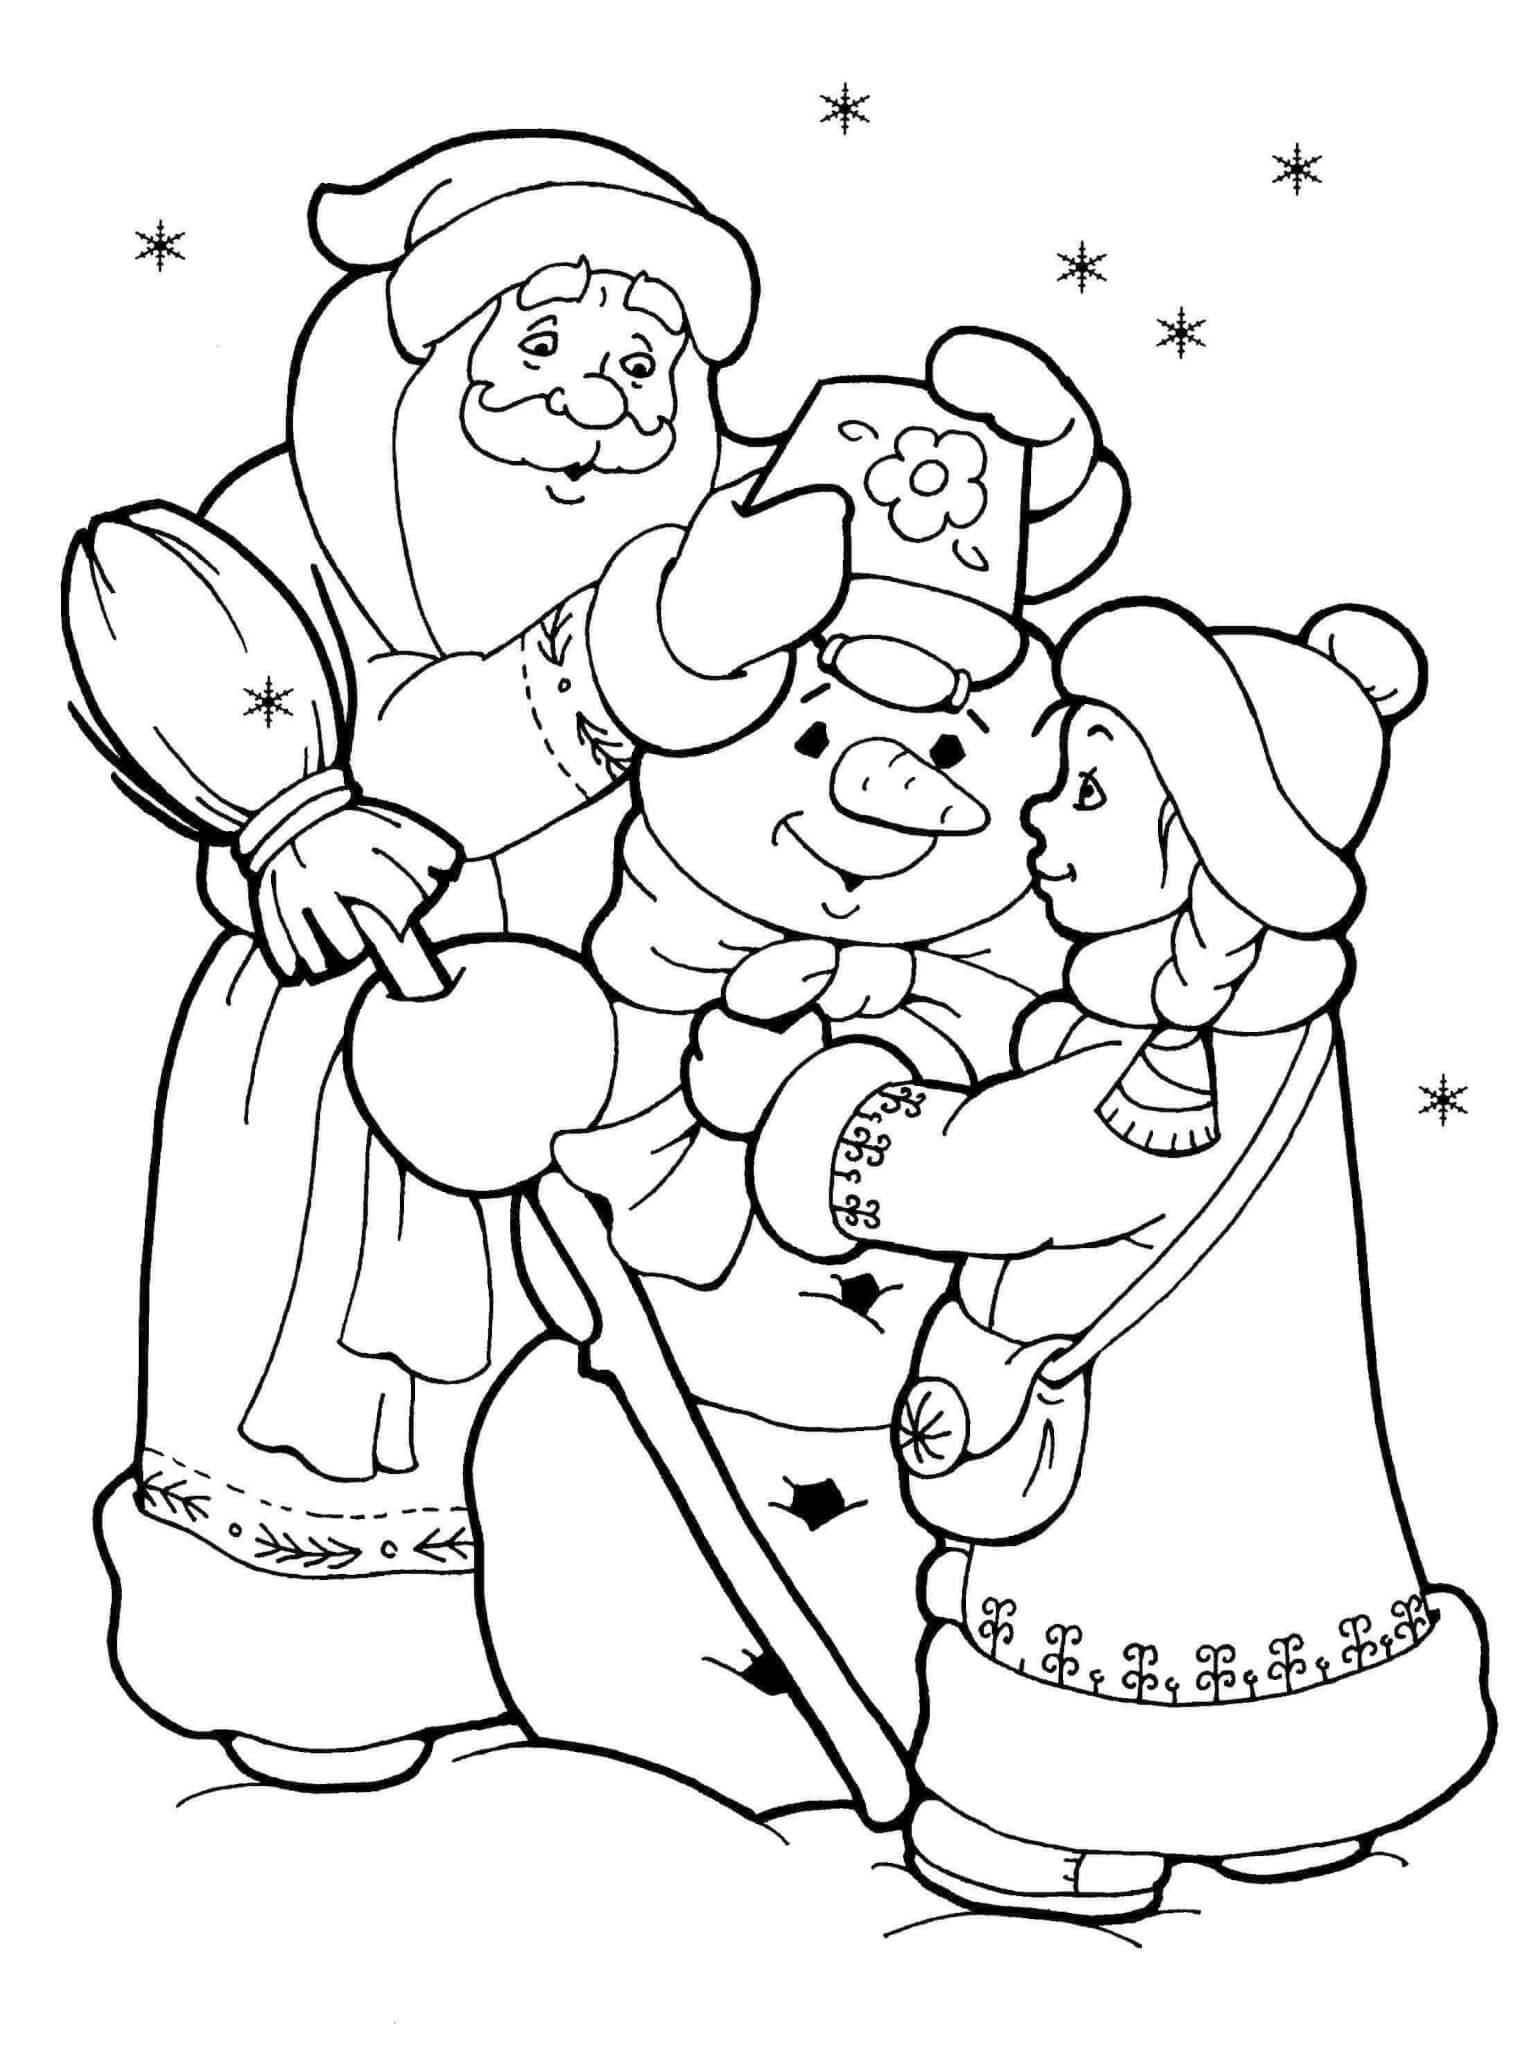 Дед мороз и снеговик картинки раскраски, открытка пятницей